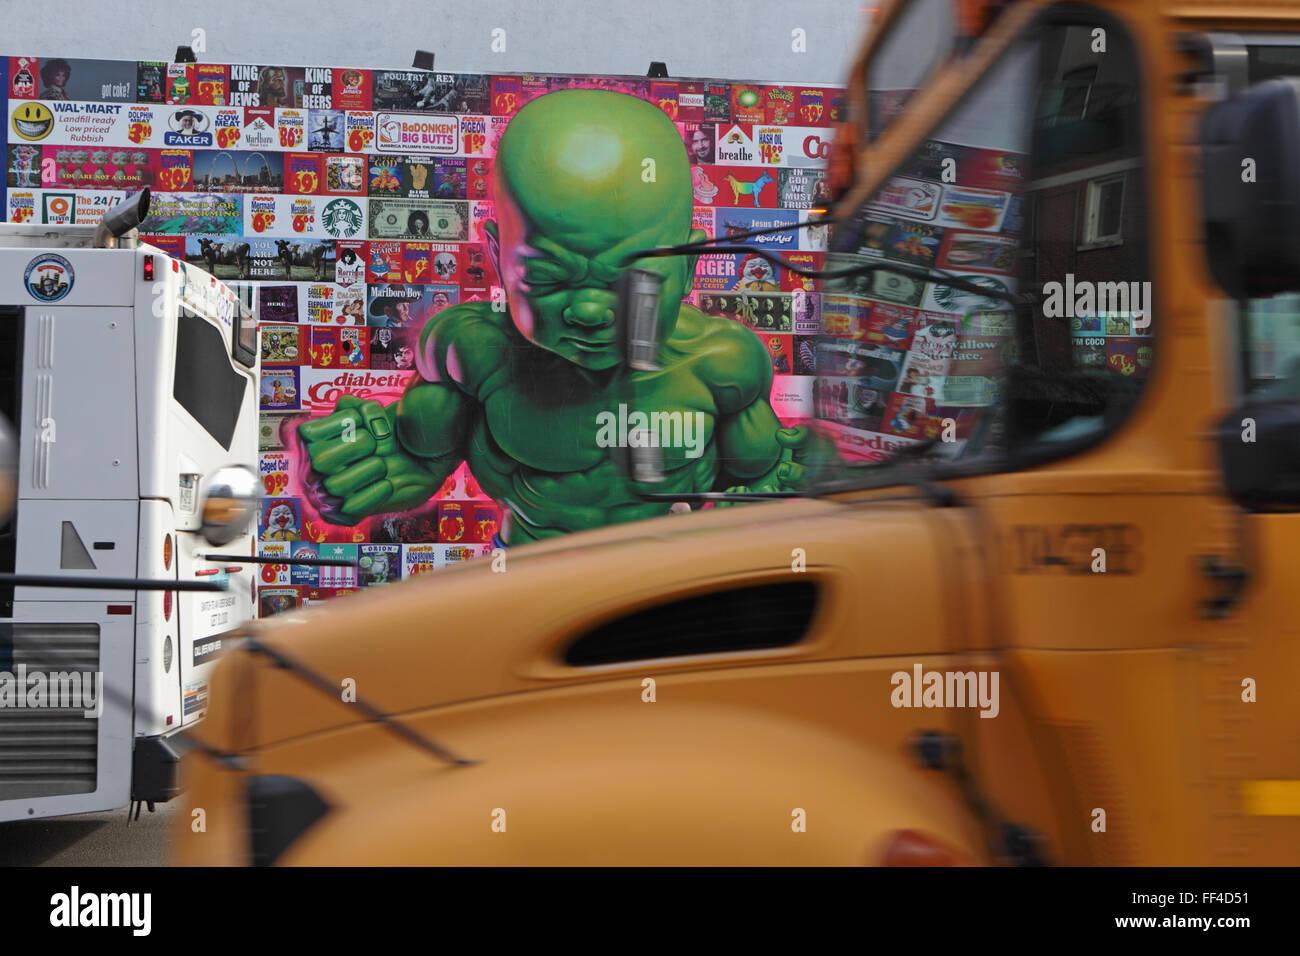 Ein gelber Schulbus fährt vorbei eine Collage von Ron English an der Bowery Wandbild Wand auf der Houston Street Stockfoto